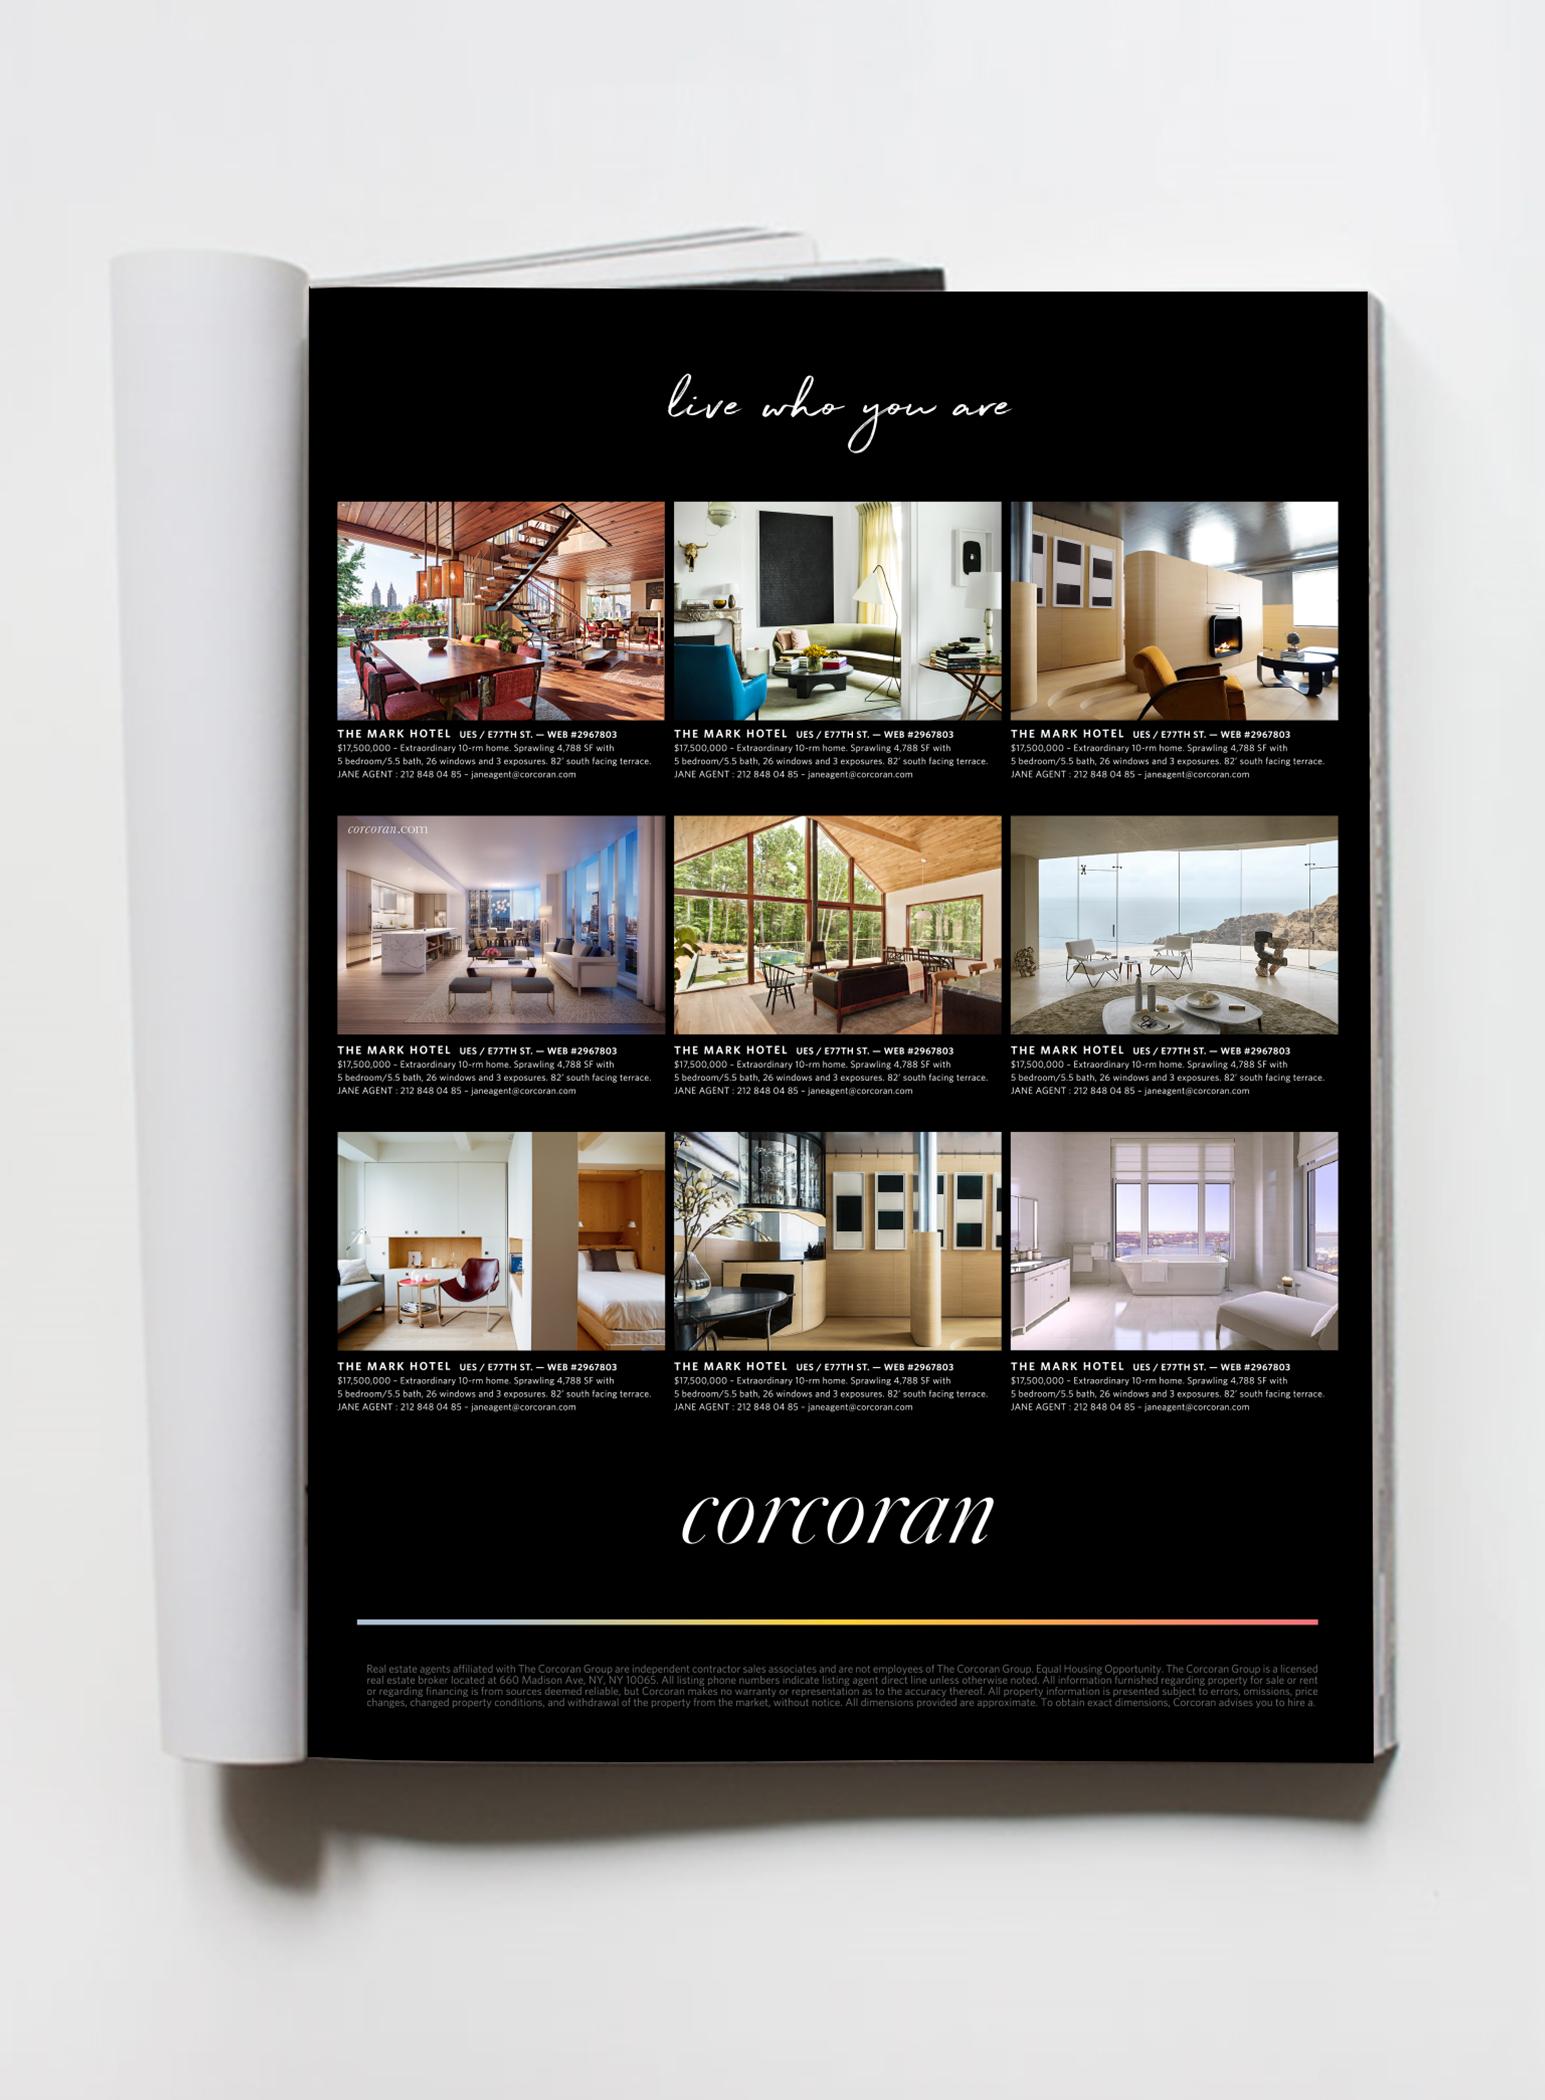 Corcoran_Branding_1545x2100_4.jpg